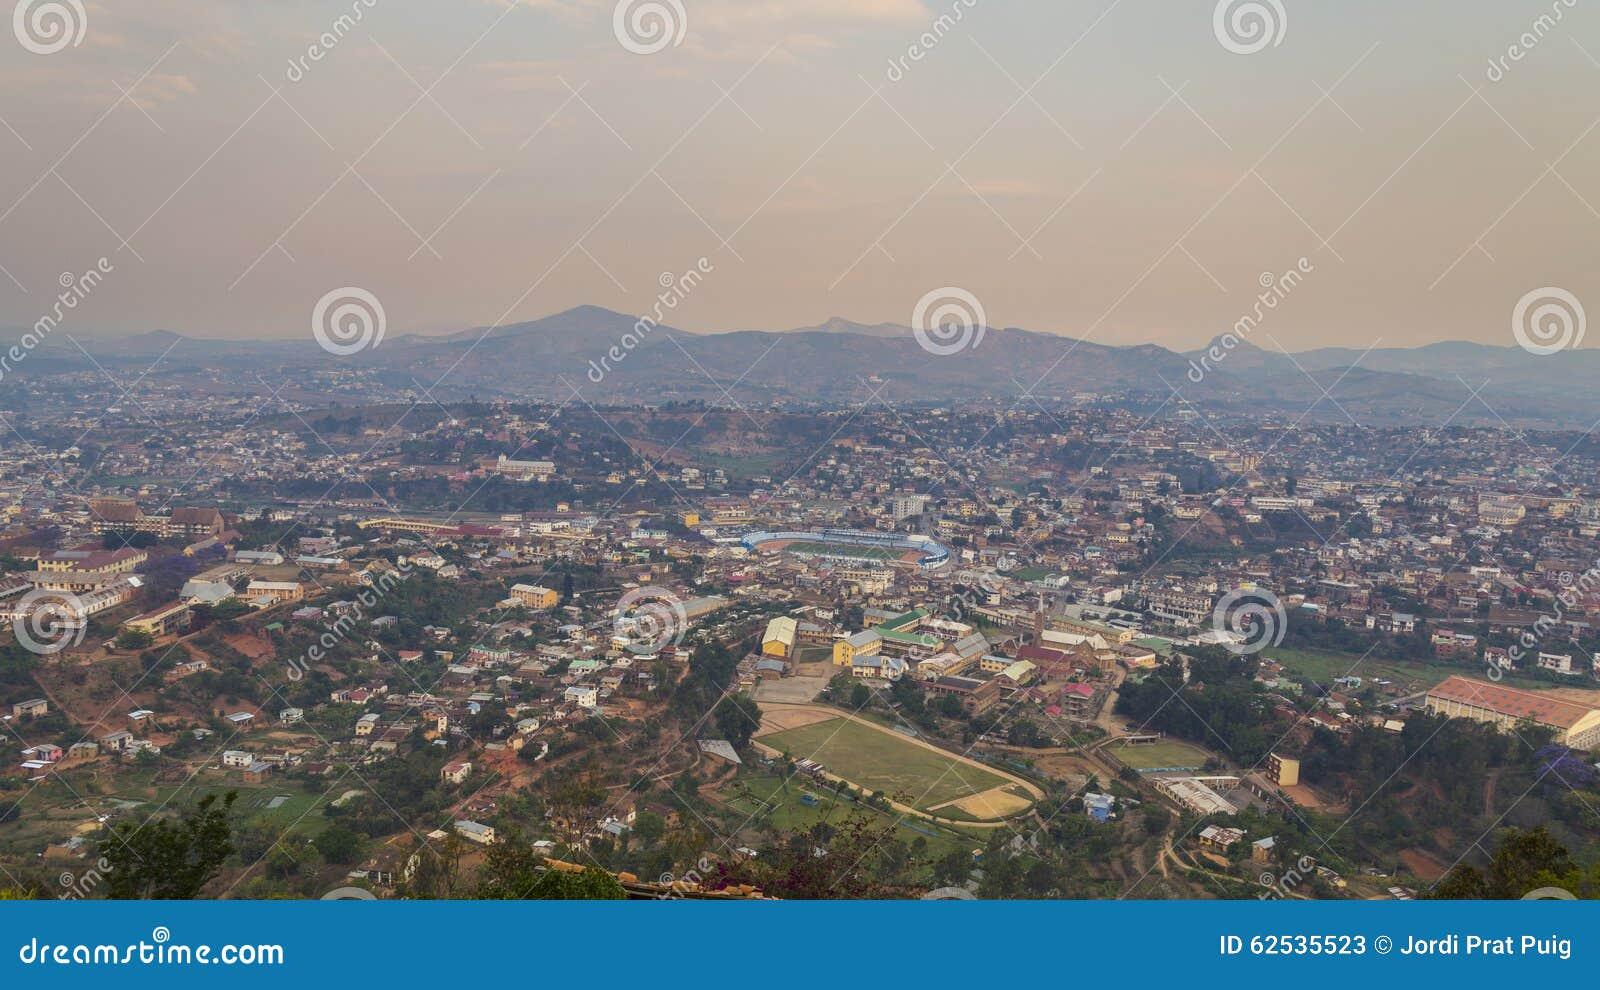 菲亚纳兰楚阿马达加斯加都市风景